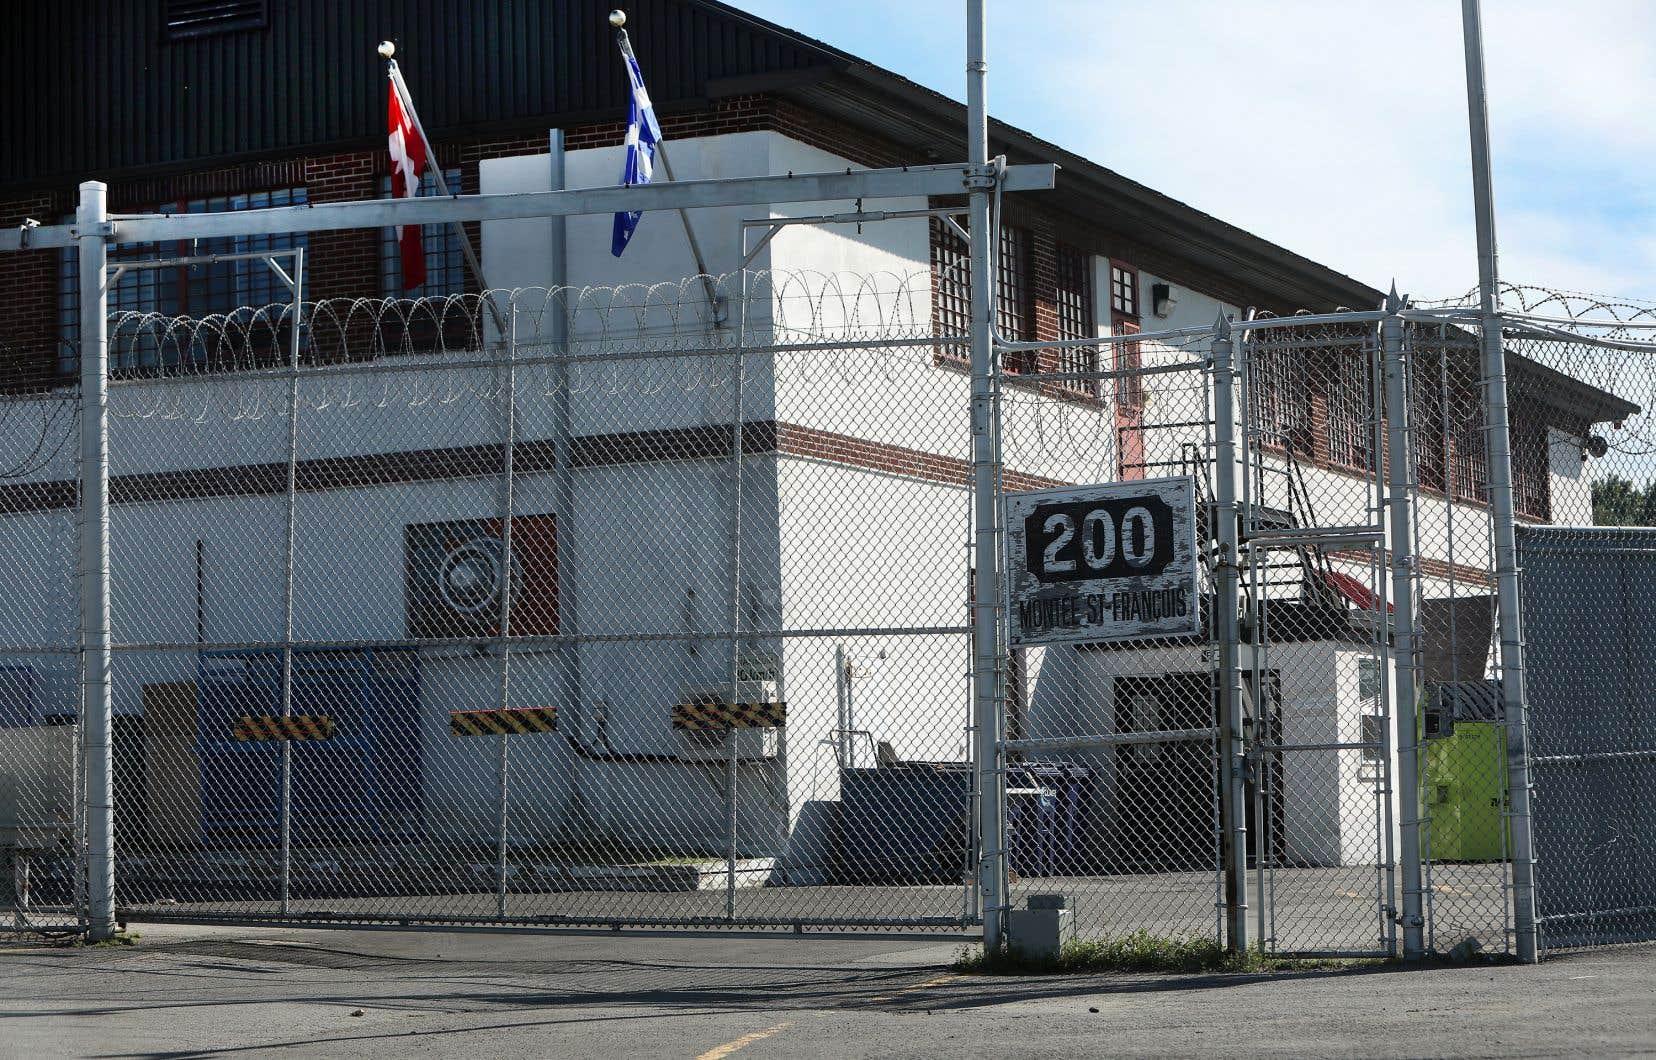 Une personne peut être détenue dans un centre de détention comme celui de Laval pour divers motifs, parce qu'elle fait face à l'expulsion et qu'un agent frontalier craint qu'elle ne se présente pas à l'aéroport pour son renvoi, par exemple.